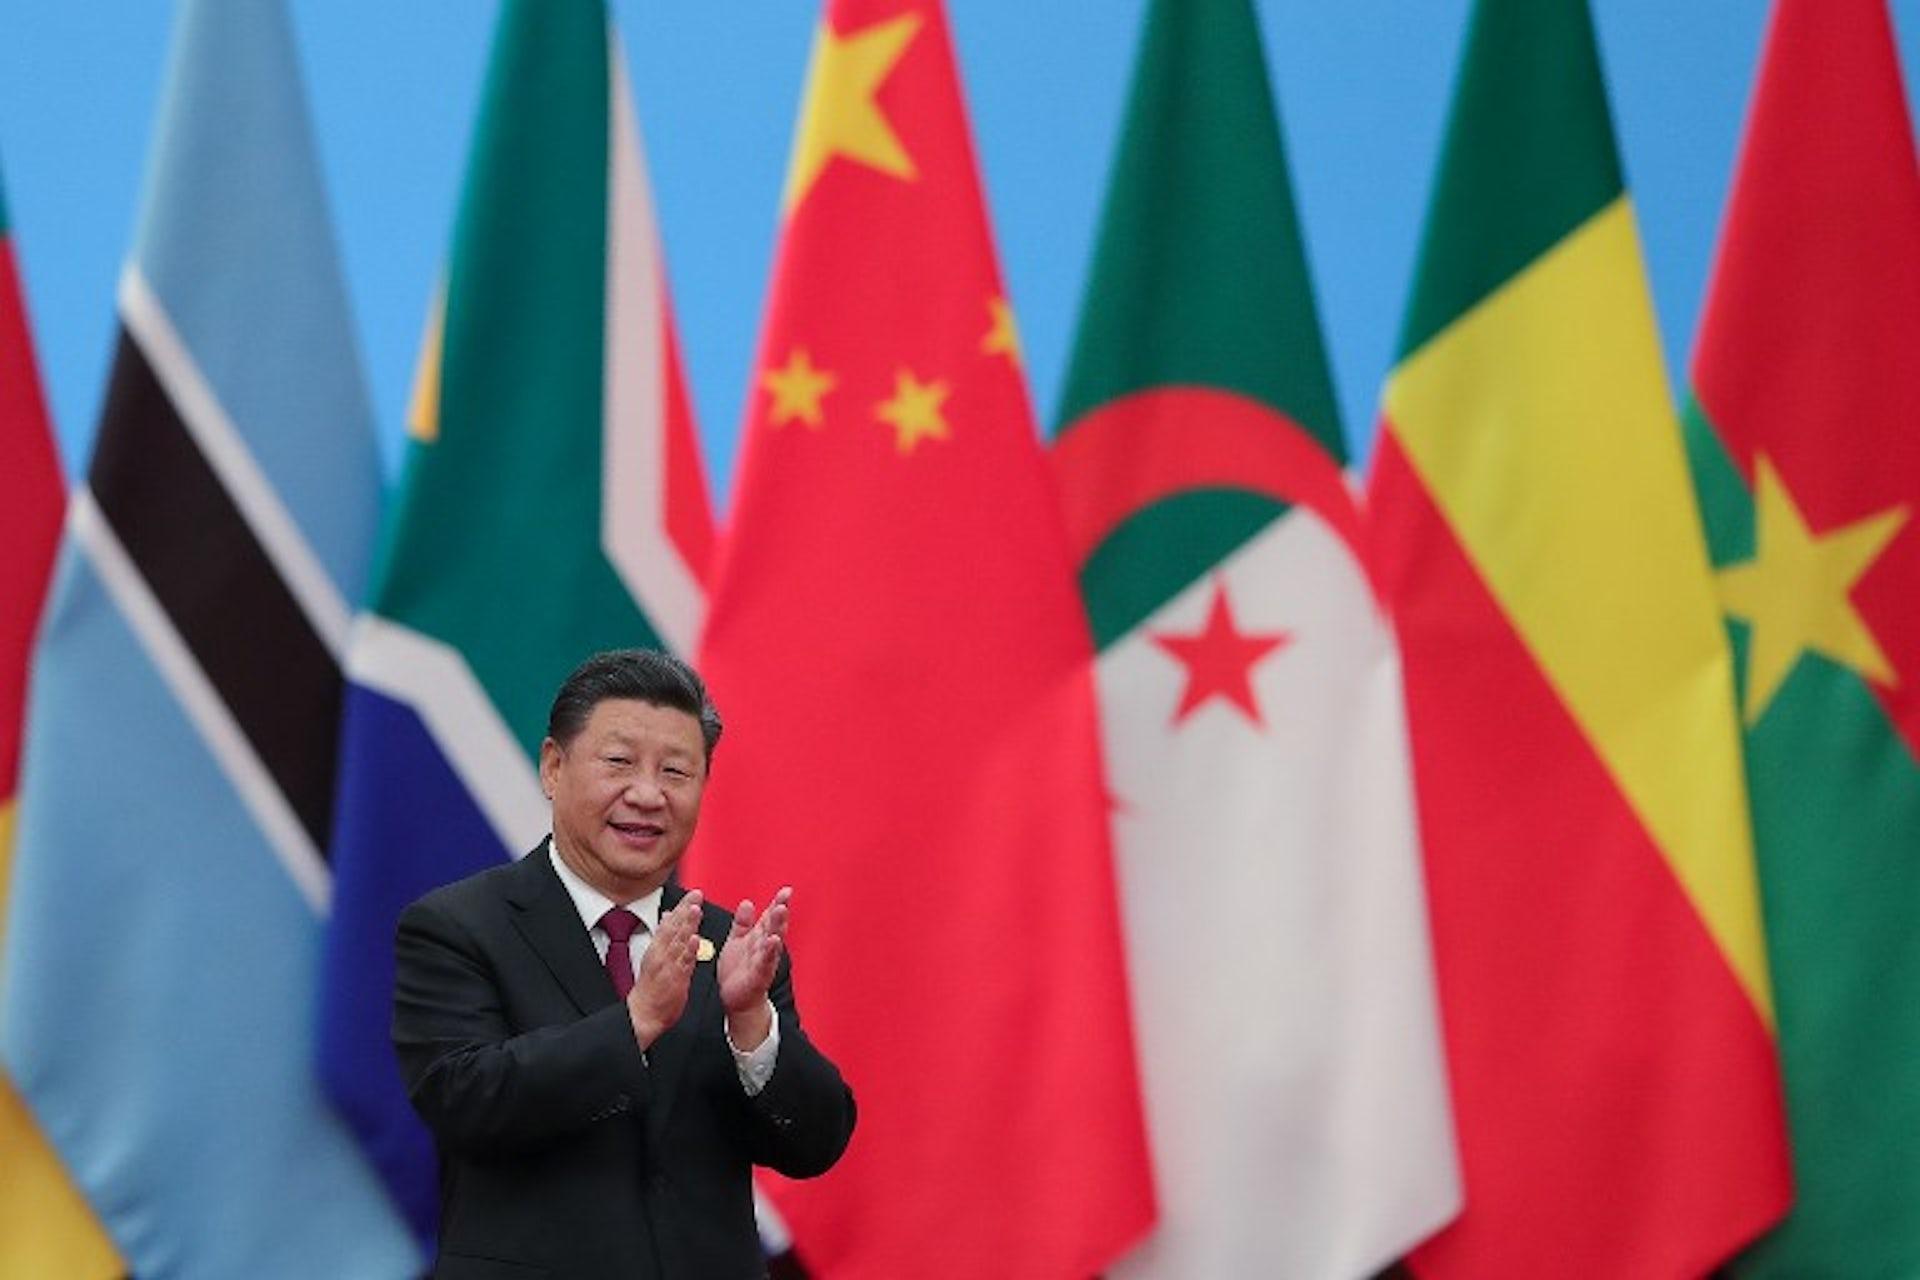 Infrastructures : comment combler les faiblesses africaines dans les négociations avec la Chine